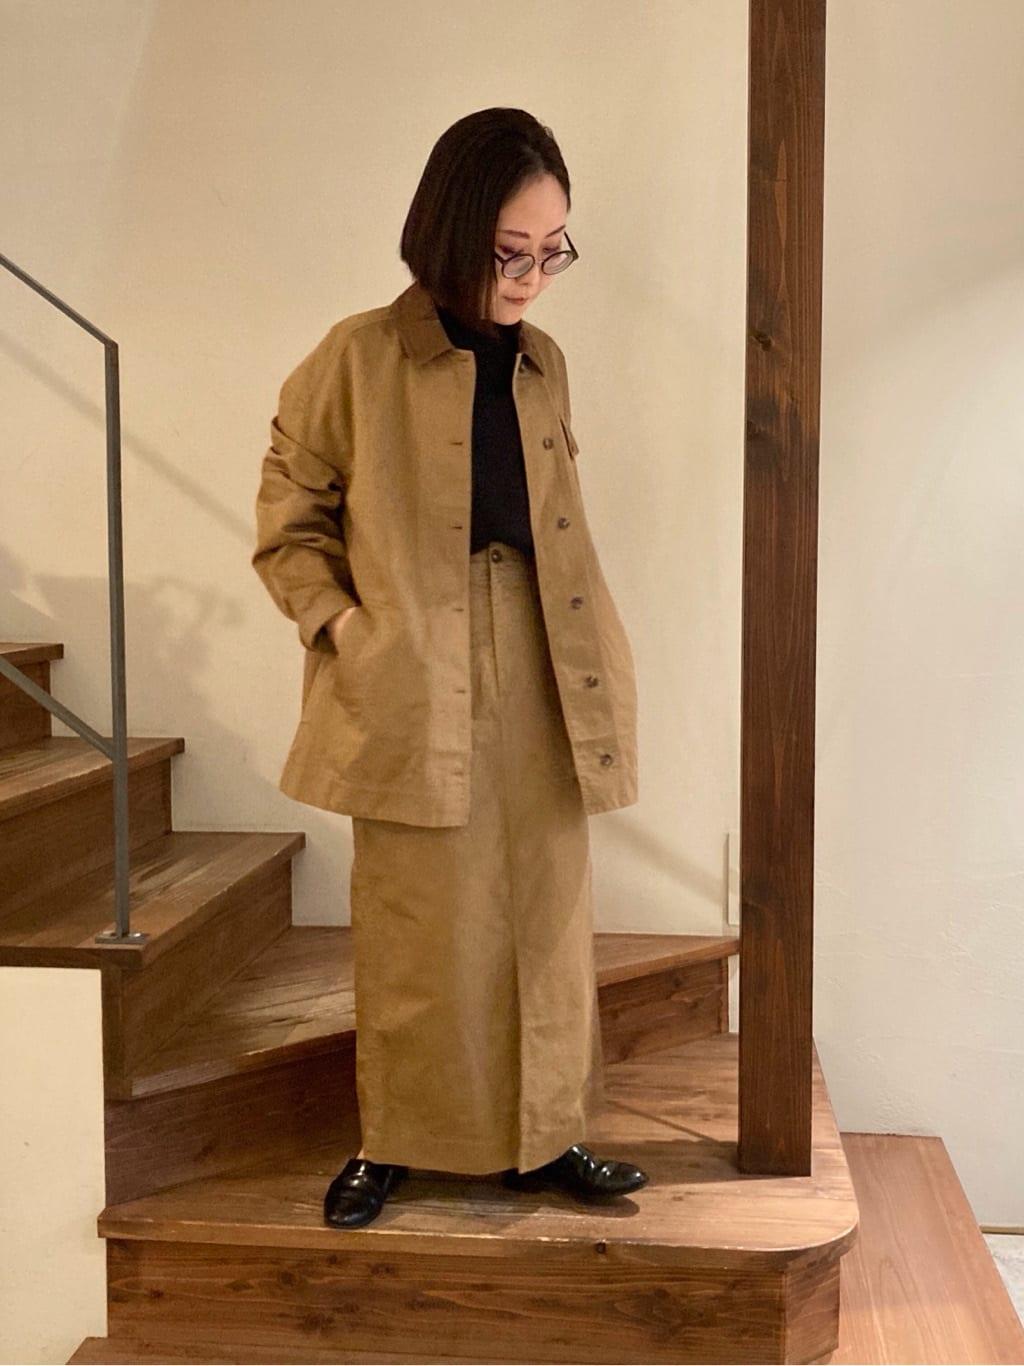 yuni 京都路面 身長:152cm 2021.09.03